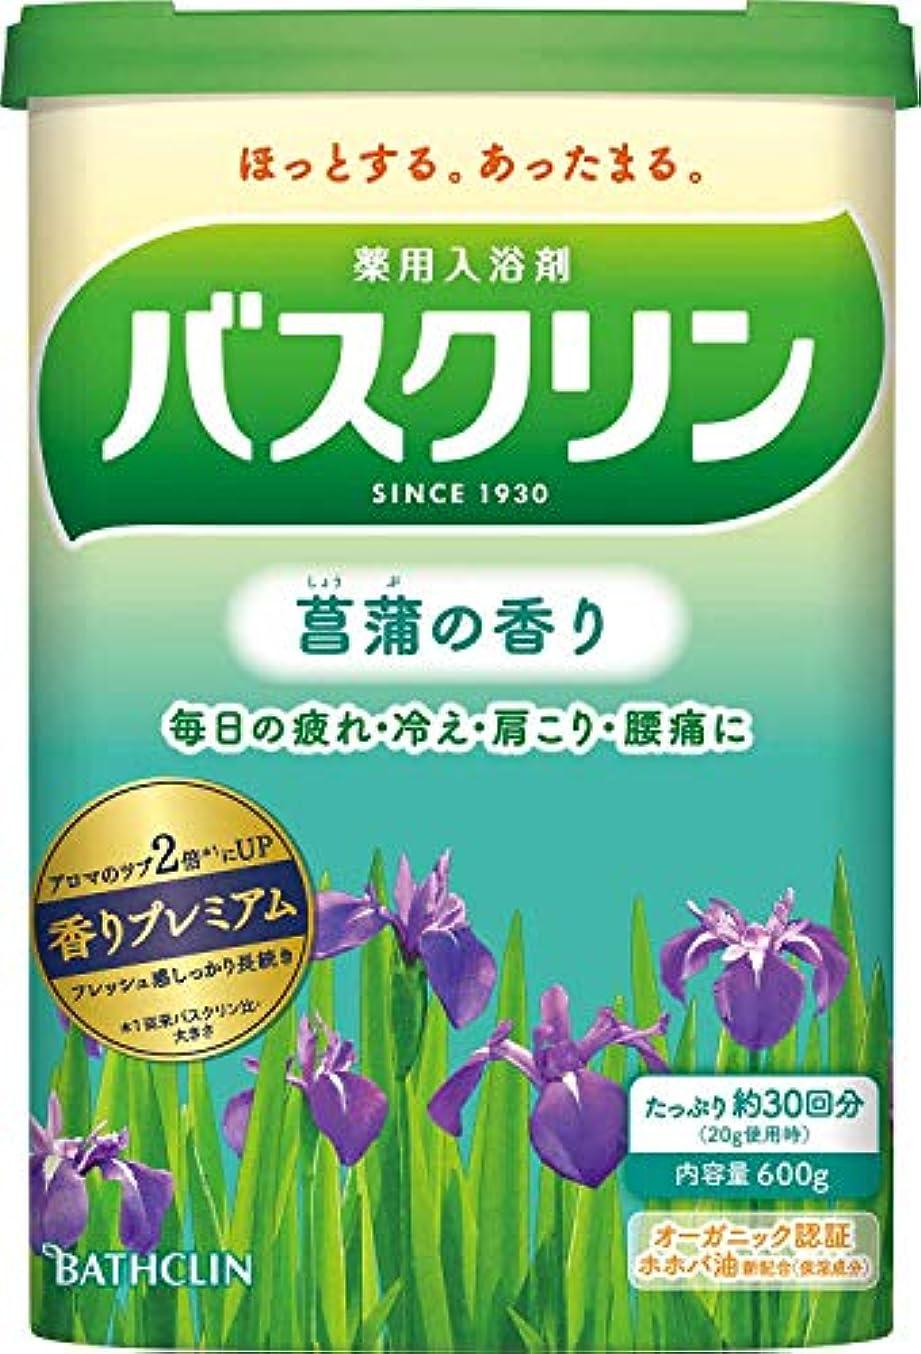 救出不安定グラディス【医薬部外品】バスクリン入浴剤 菖蒲の香り600g(約30回分) 疲労回復